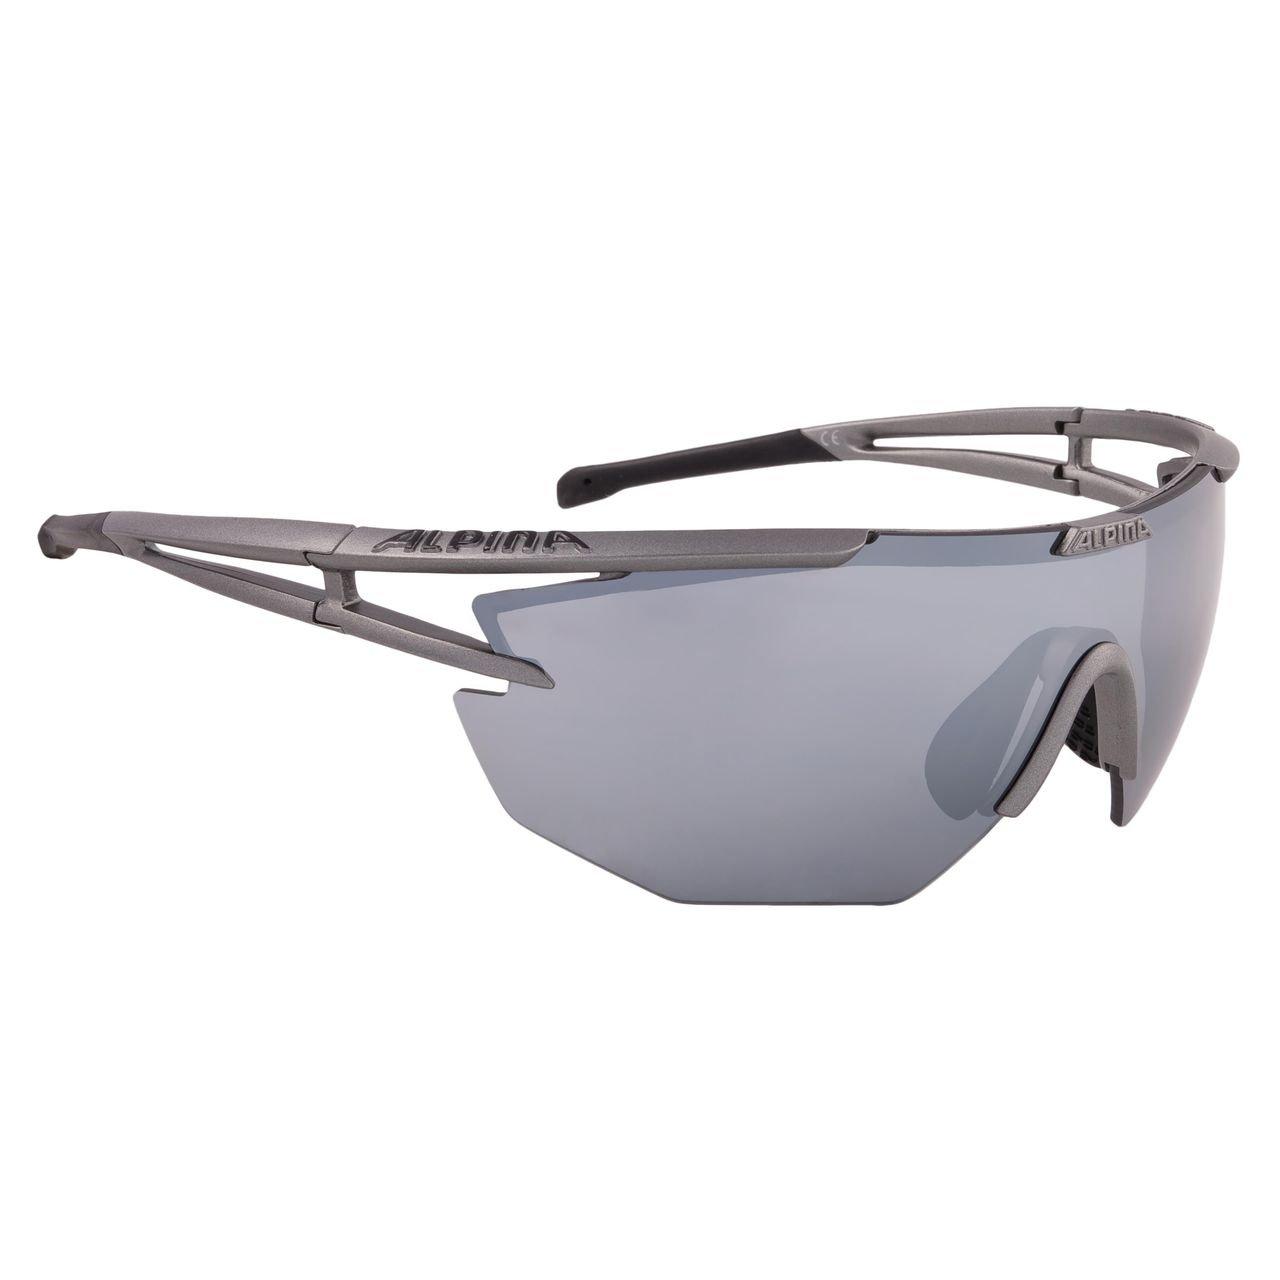 ALPINA Eye-5 Shield cm Outdoorsport-Brille